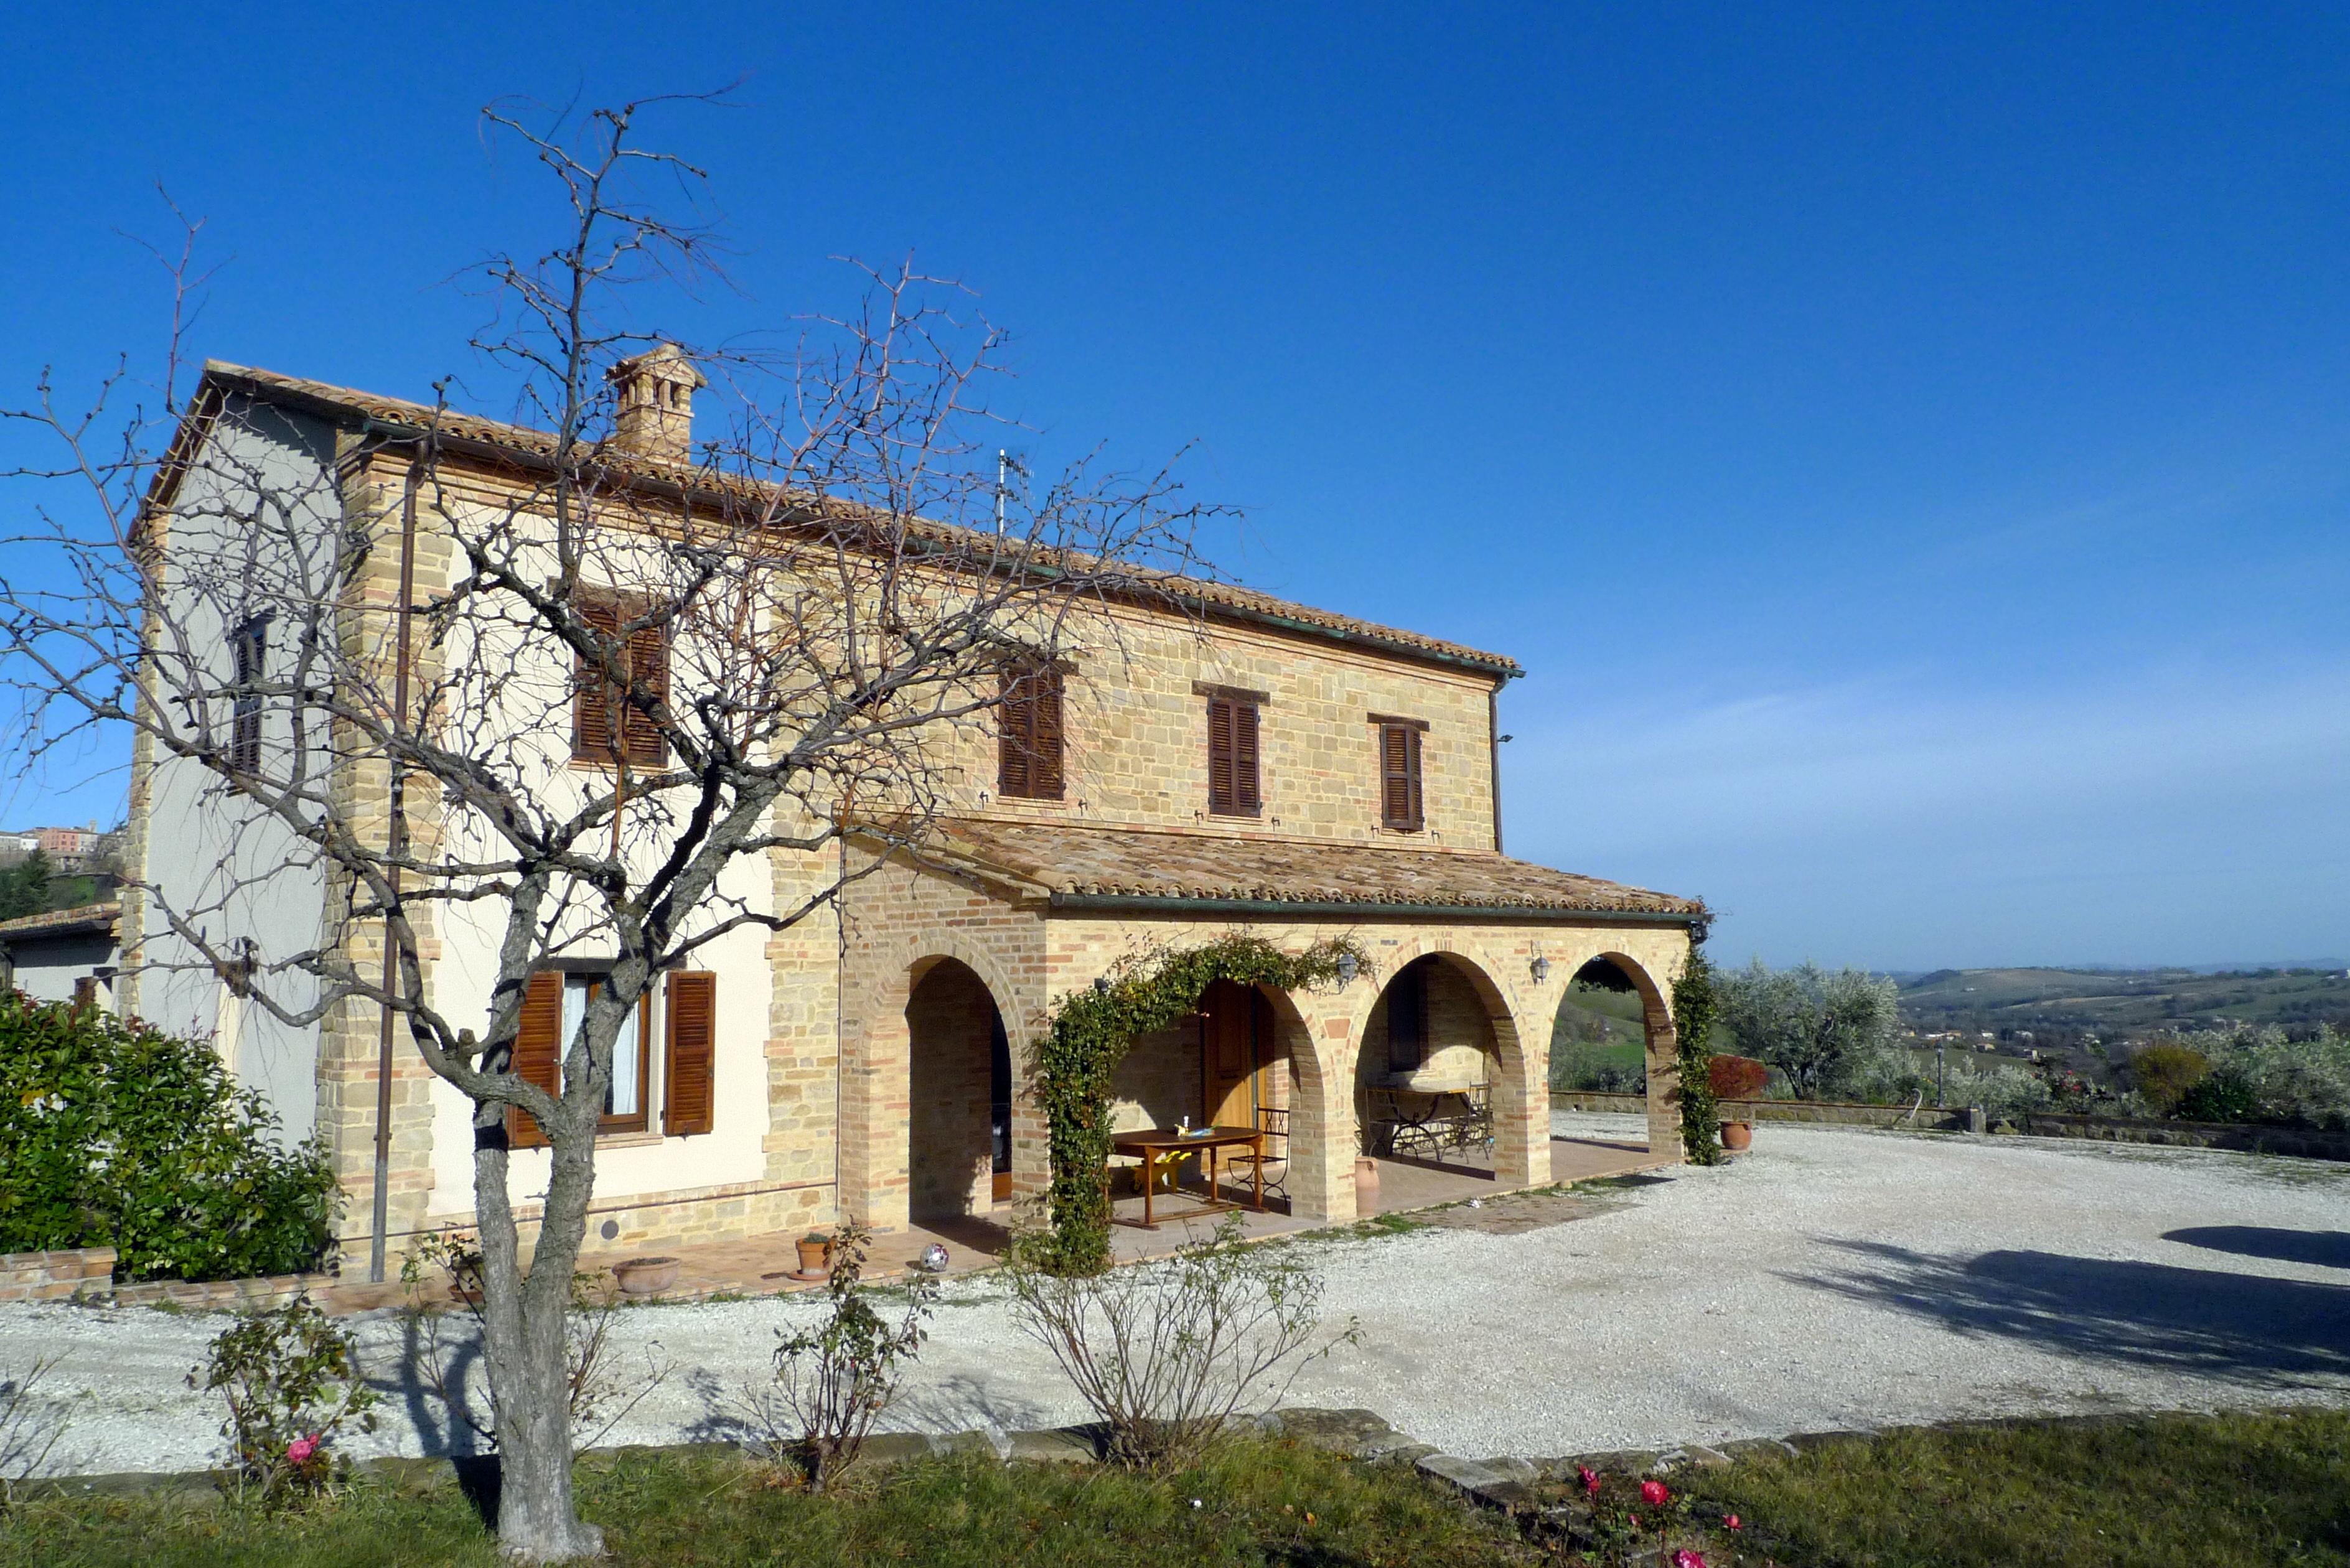 Restored farmhouse for sale in Le Marche. San Ginesio